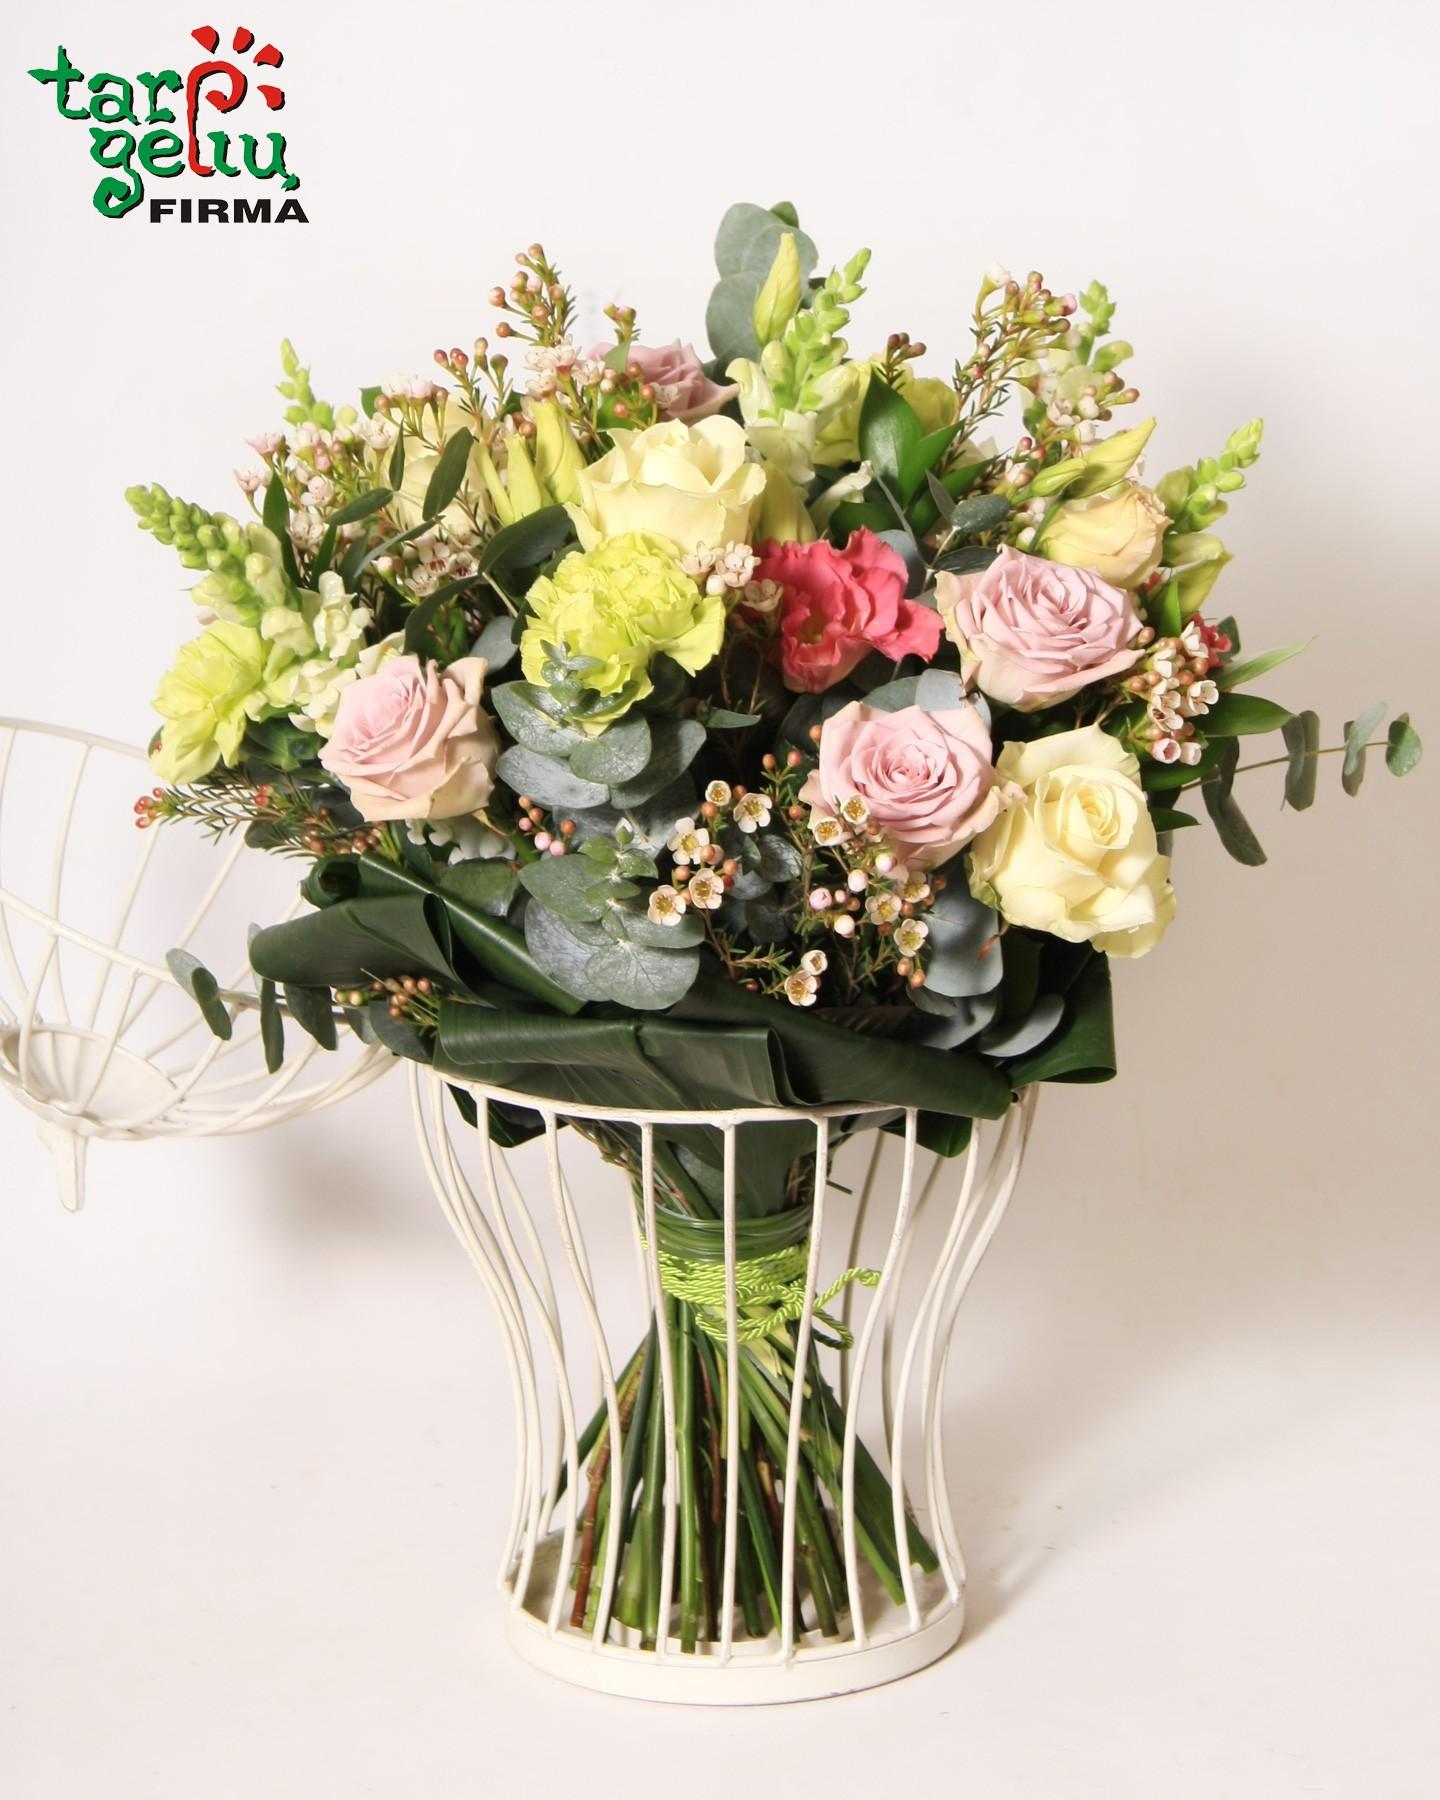 Доставка цветов в литве, организме мкт 1001